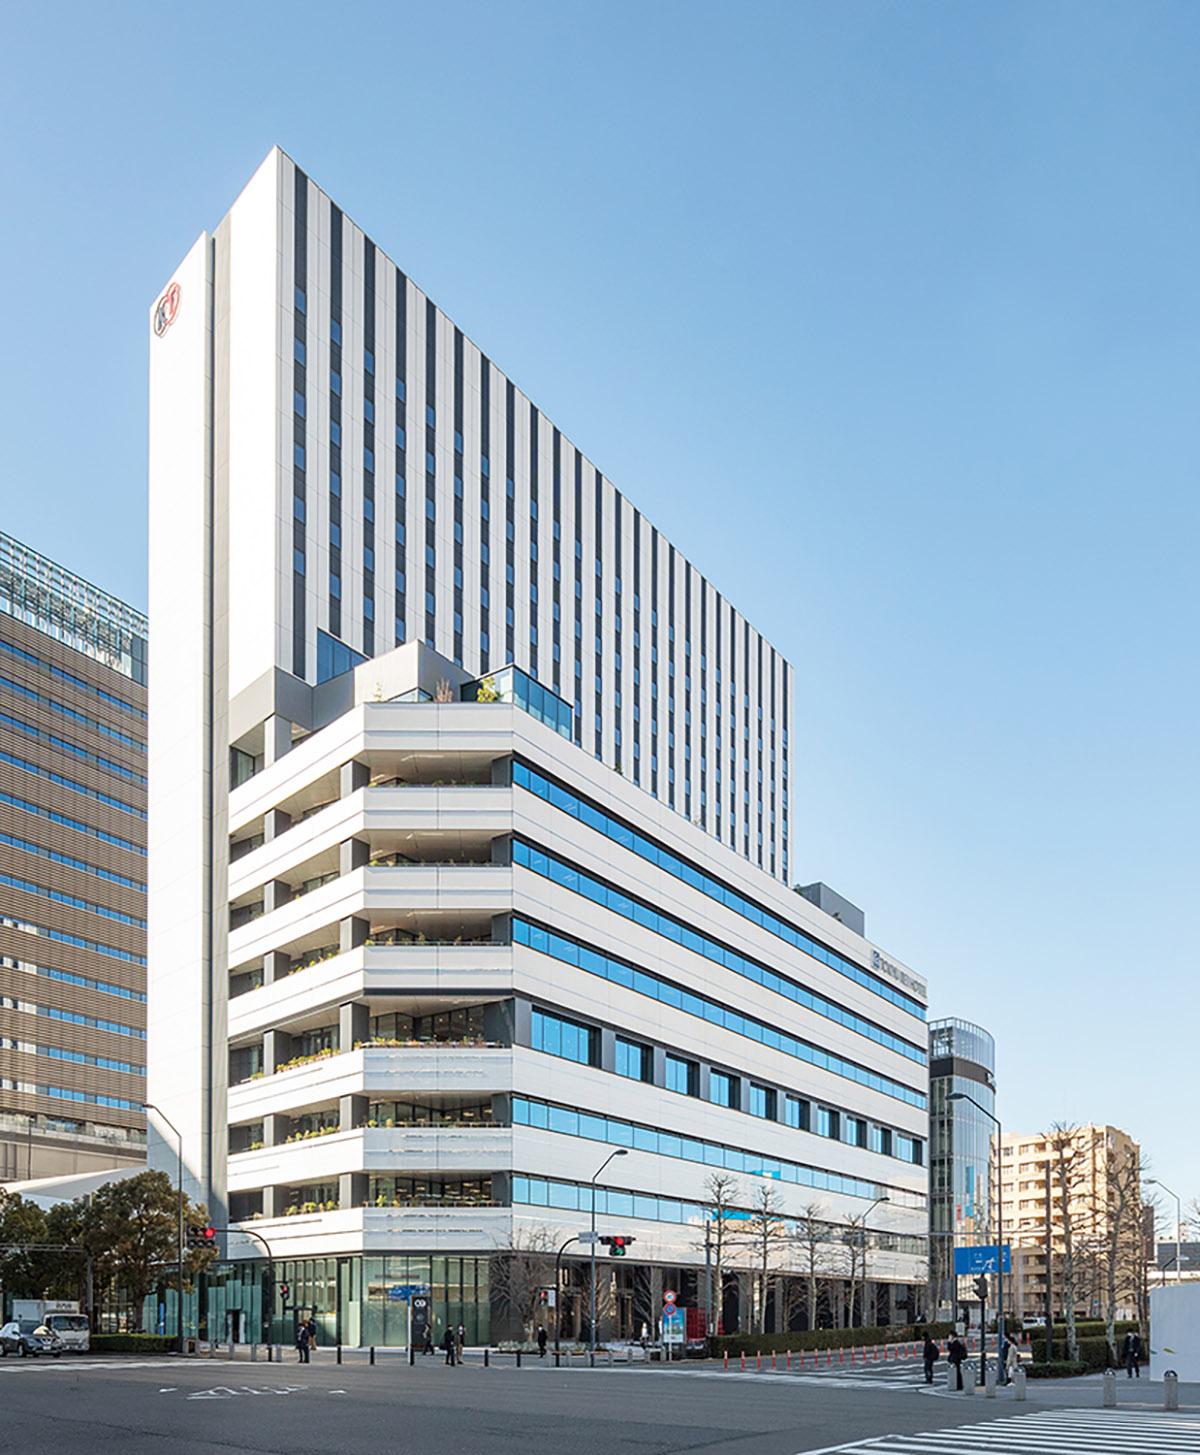 横浜東急REIホテル、資生堂のS/PARKと初コラボ!宿泊プラン「ビューティー合宿プラン」